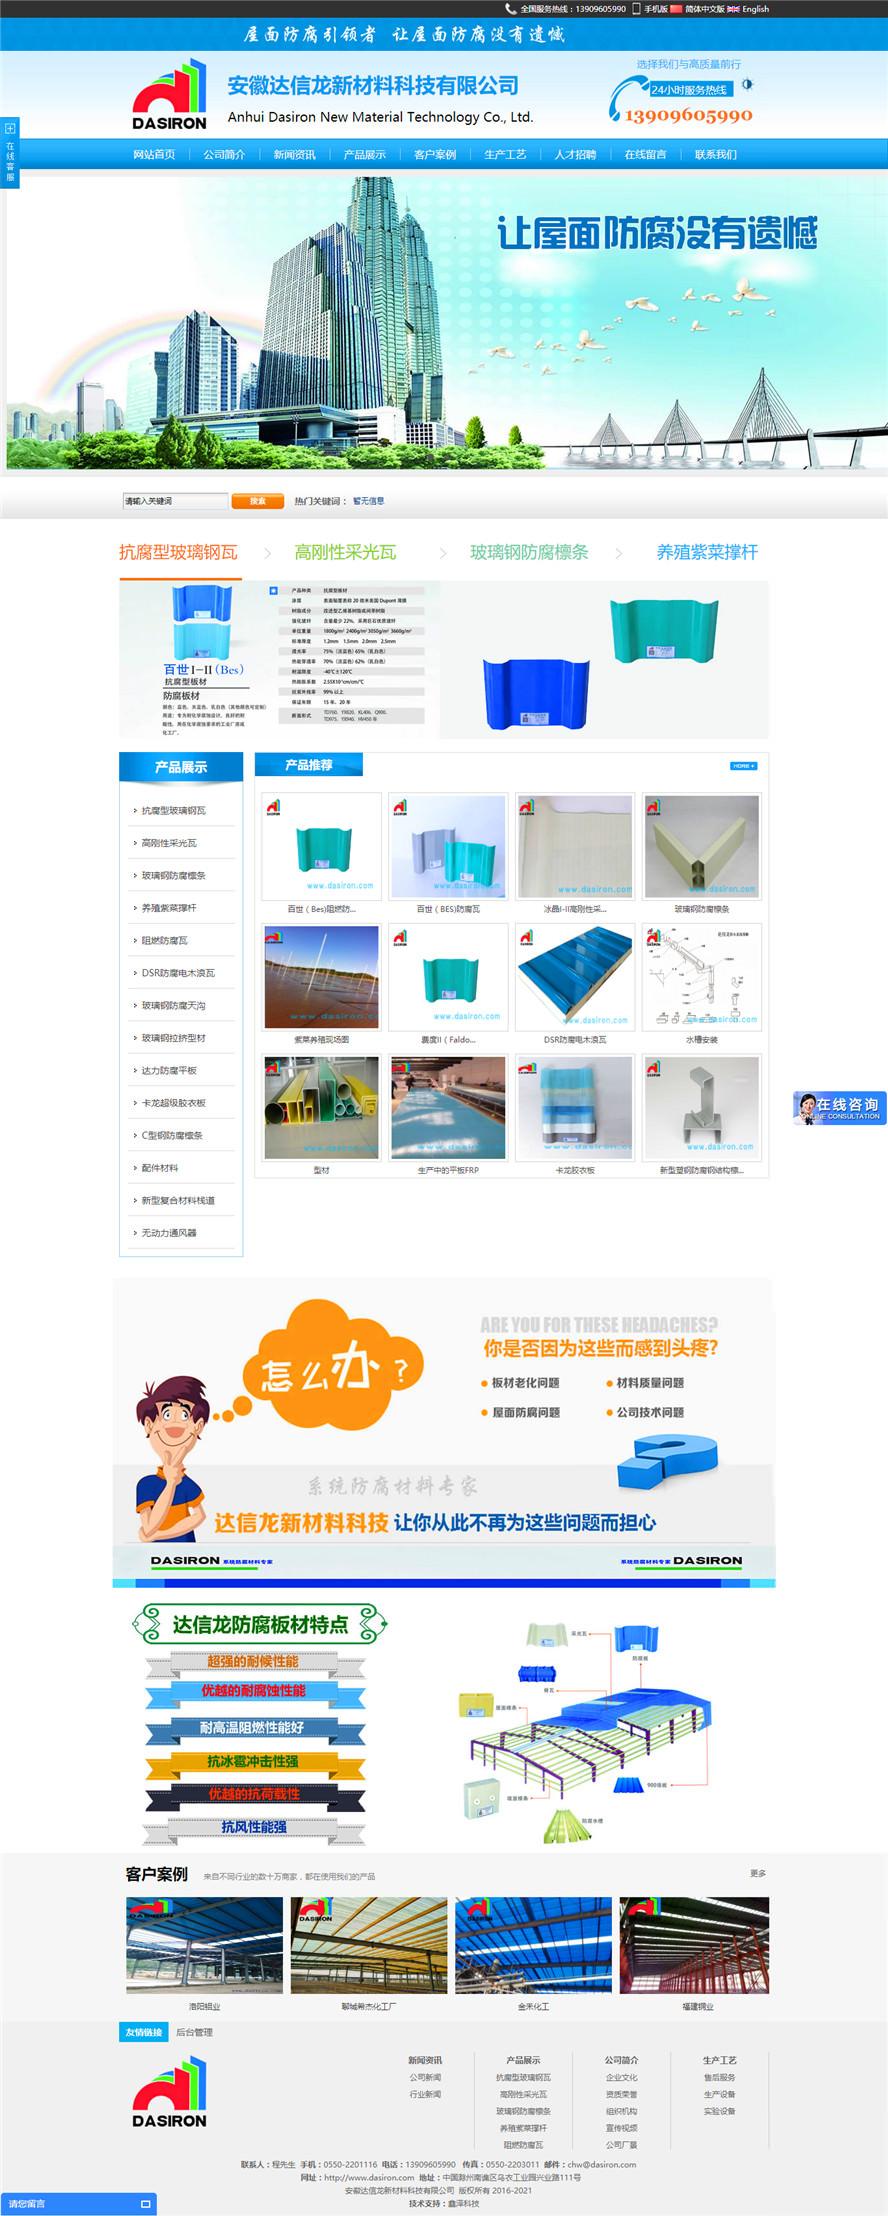 让屋面防腐没有遗憾-安徽达信龙新材料科技有限公司.jpg